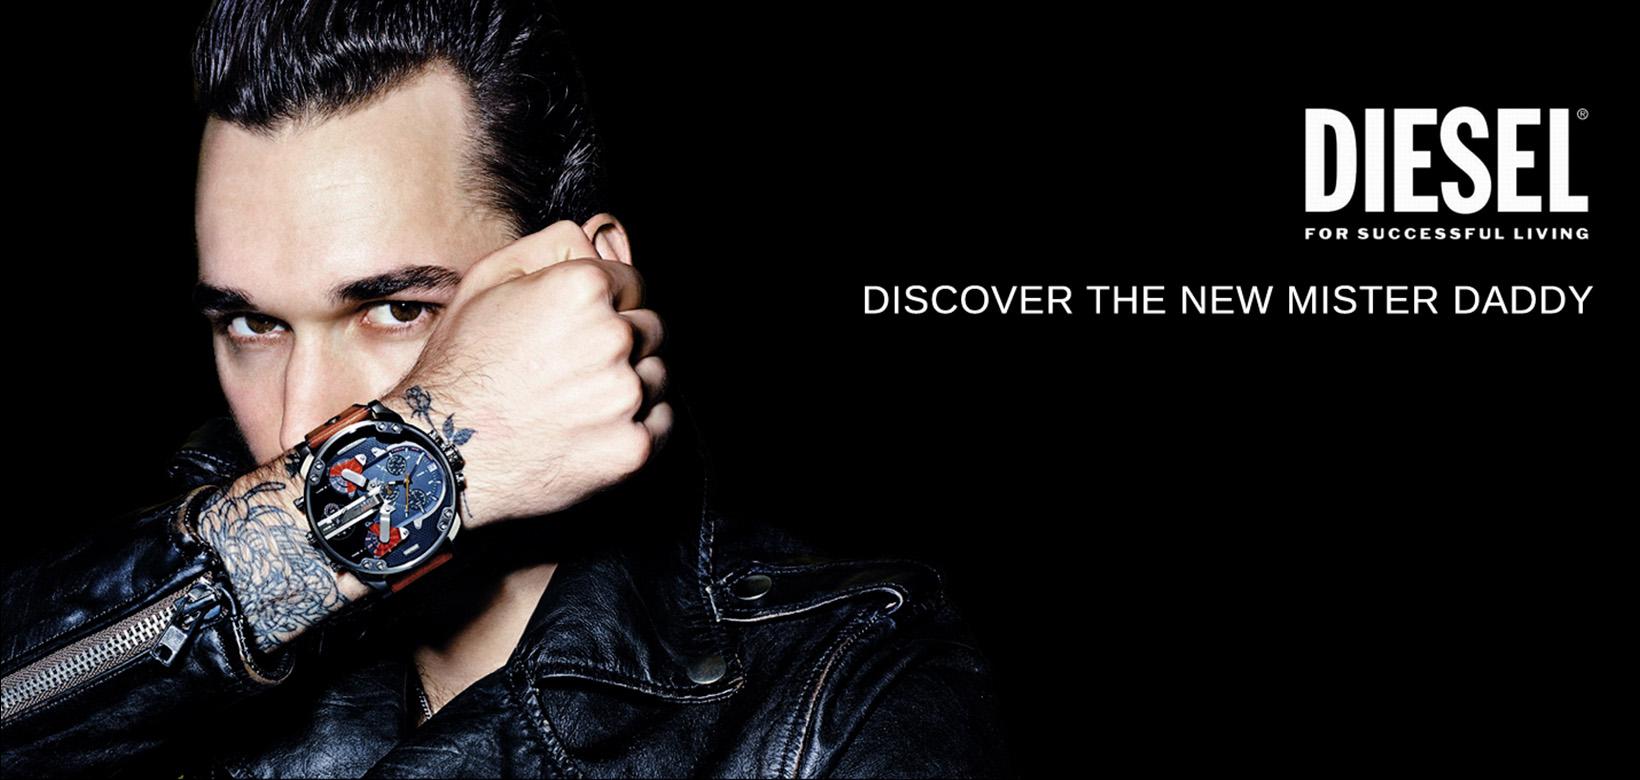 Diesel Uhren bei Juwelier Istanbul in Mönchengladbach kaufen